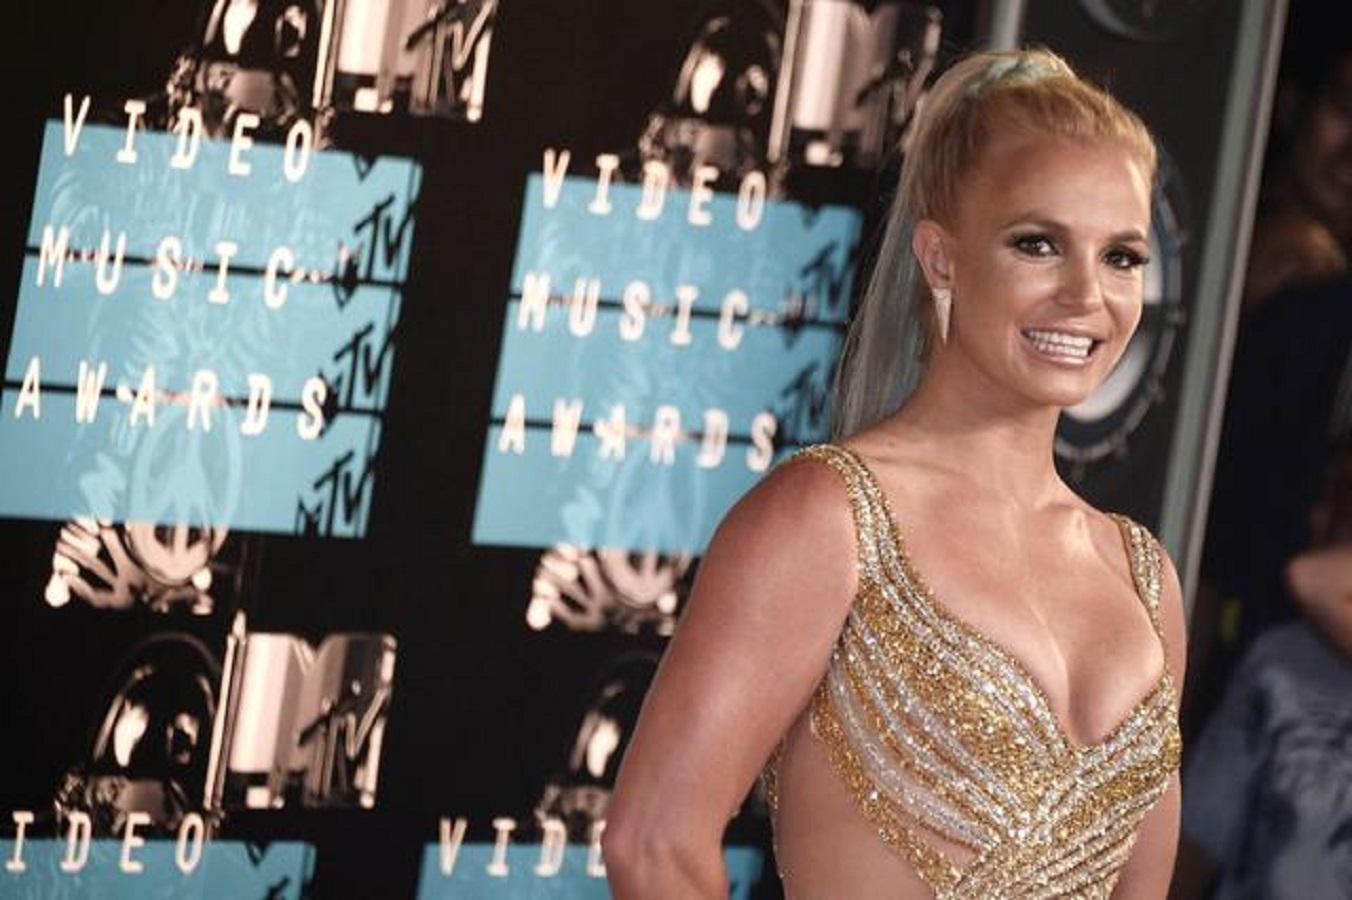 Britney Spears, non c'è pace: dalle stelle alle stalle, vita di una star